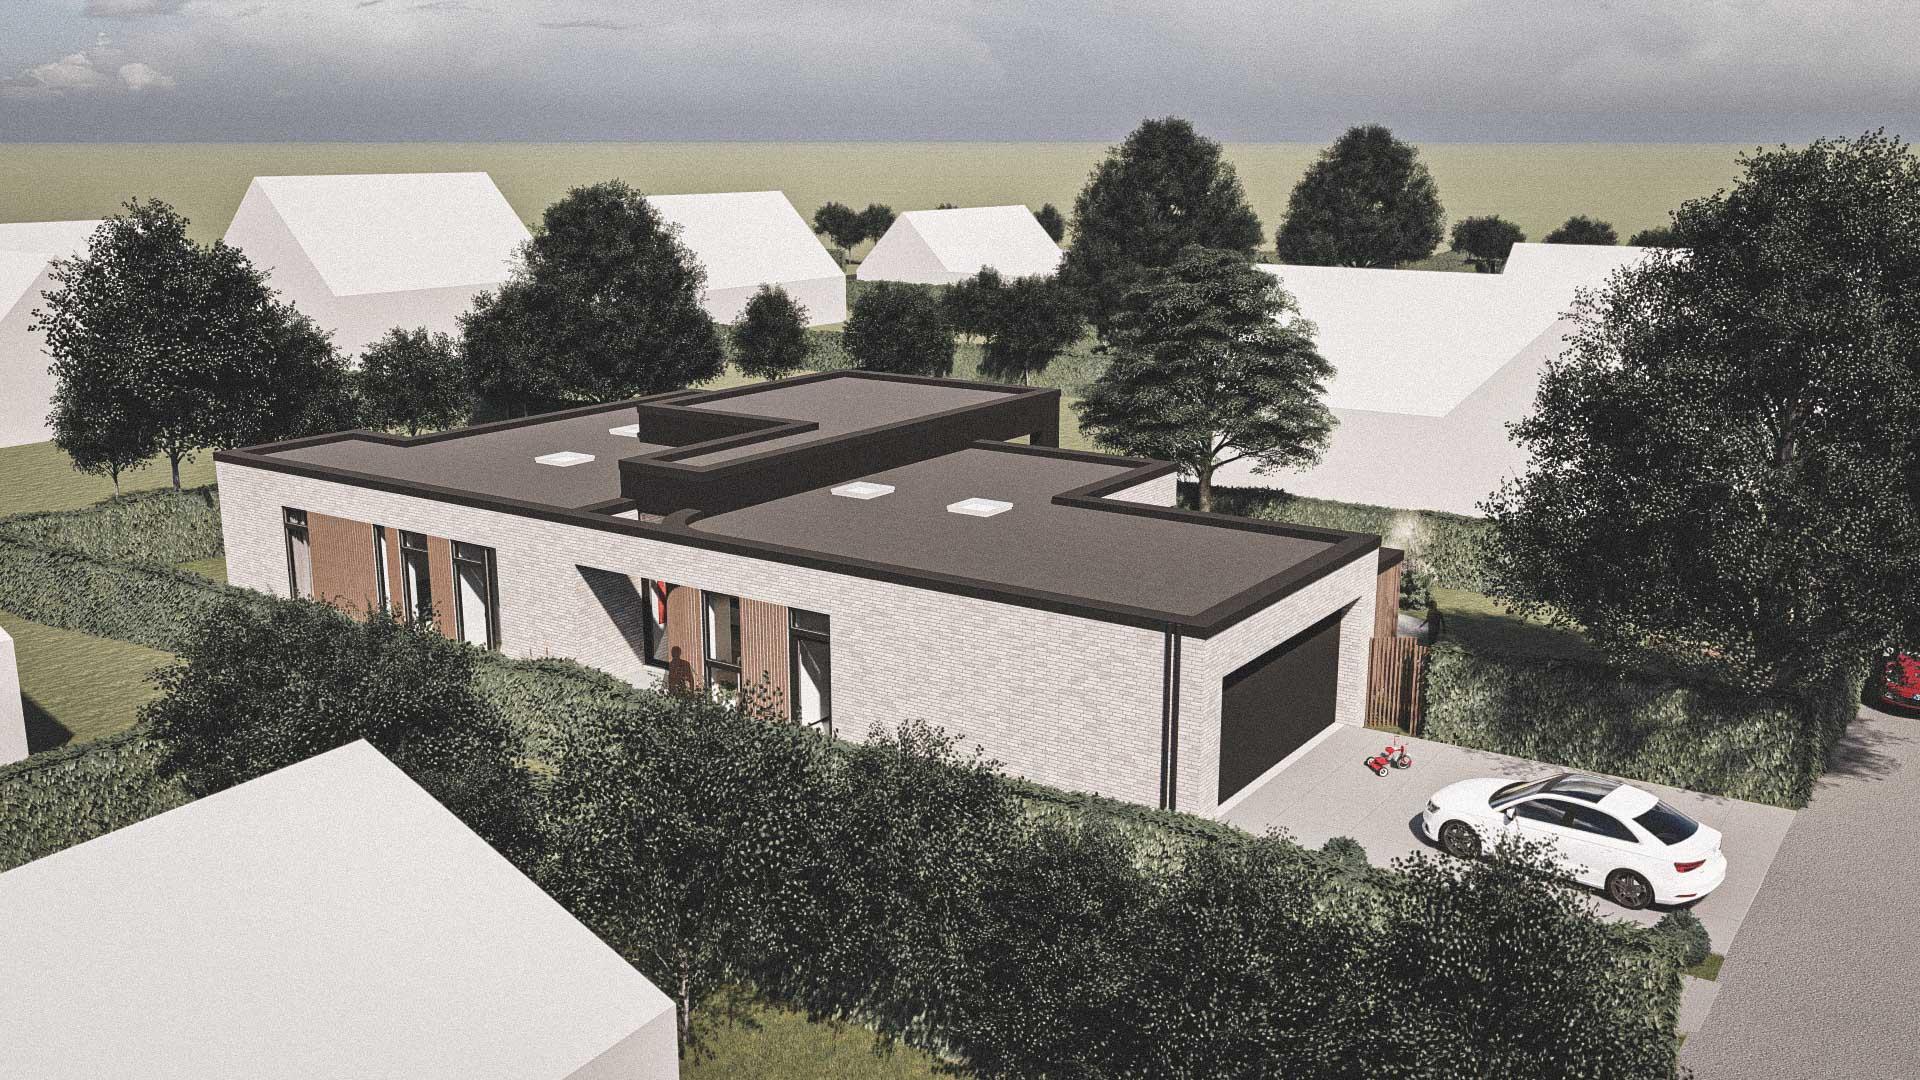 Billede af et arkitekt tegnet projektforslag af ny 1plans drømme villa i Greve, af det danske arkitektfirma m2plus